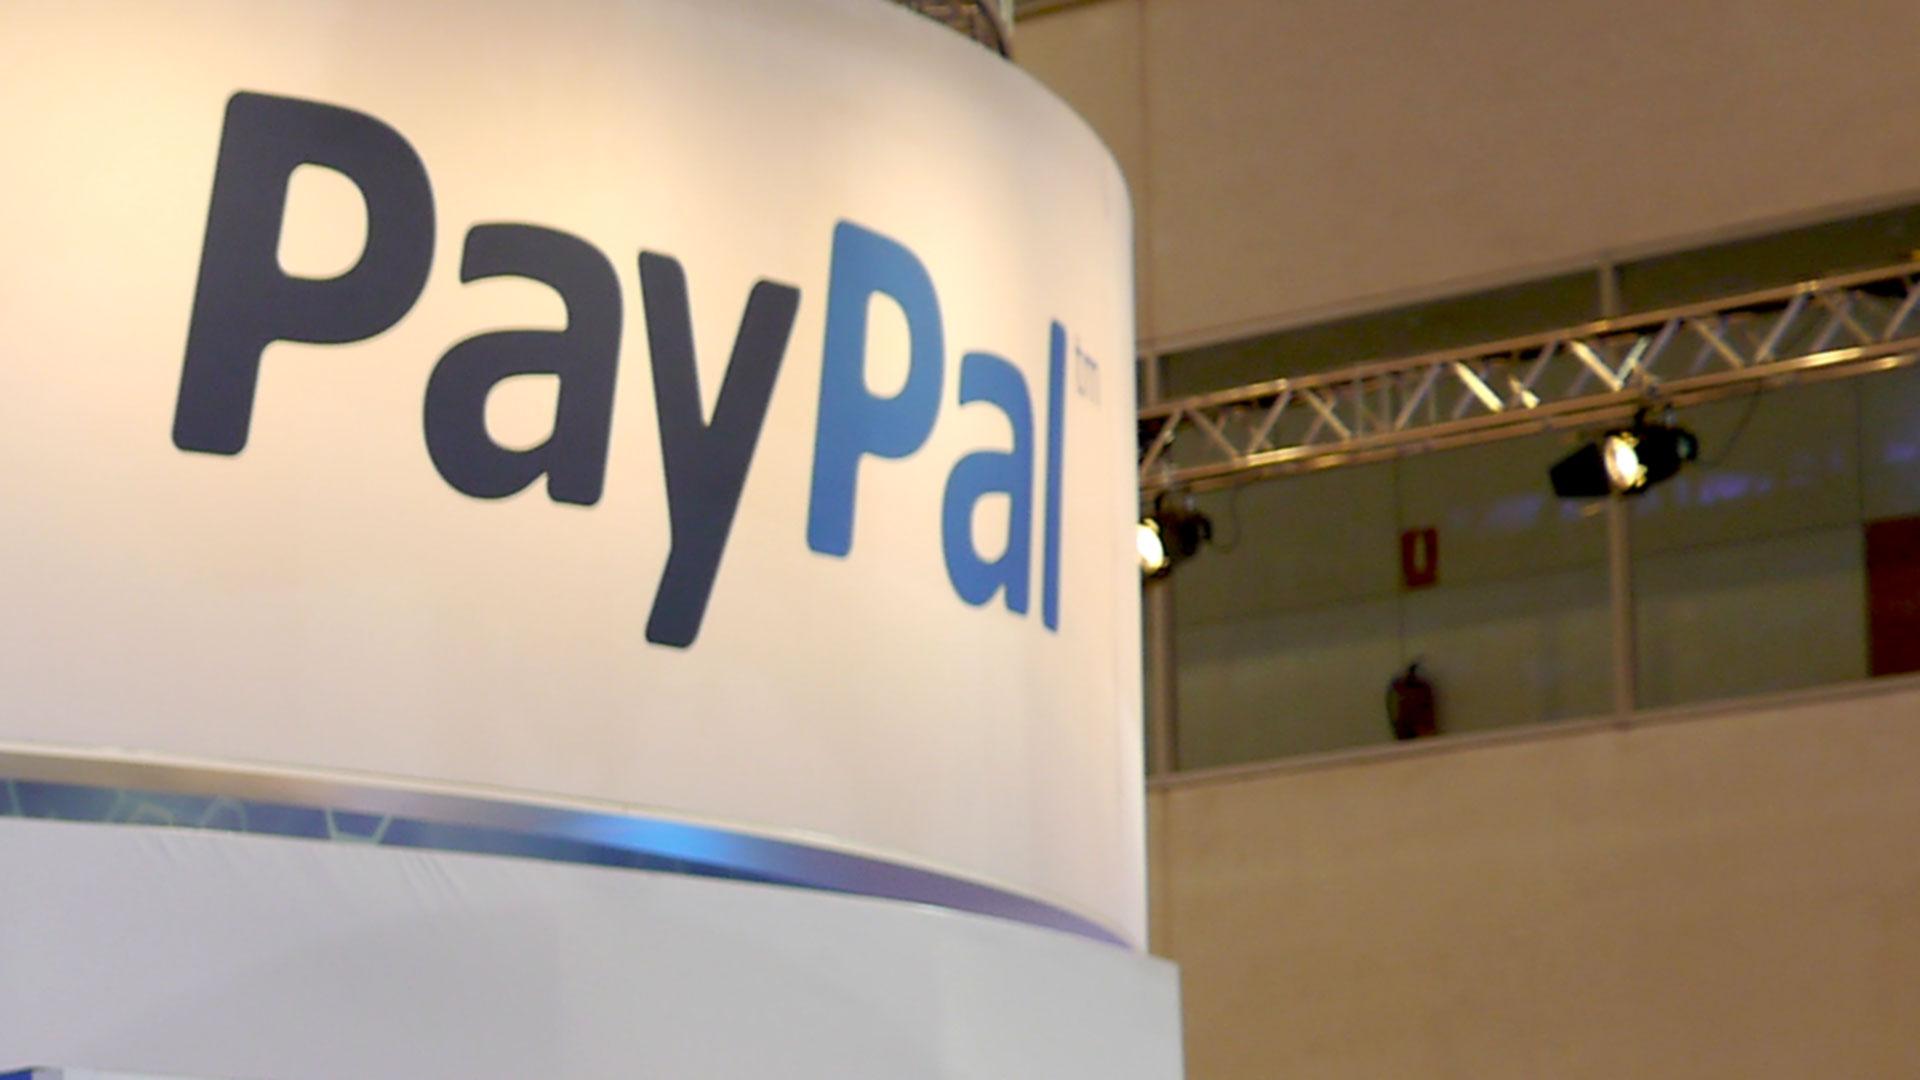 paypal-una-pasarela-de-pago-confiable